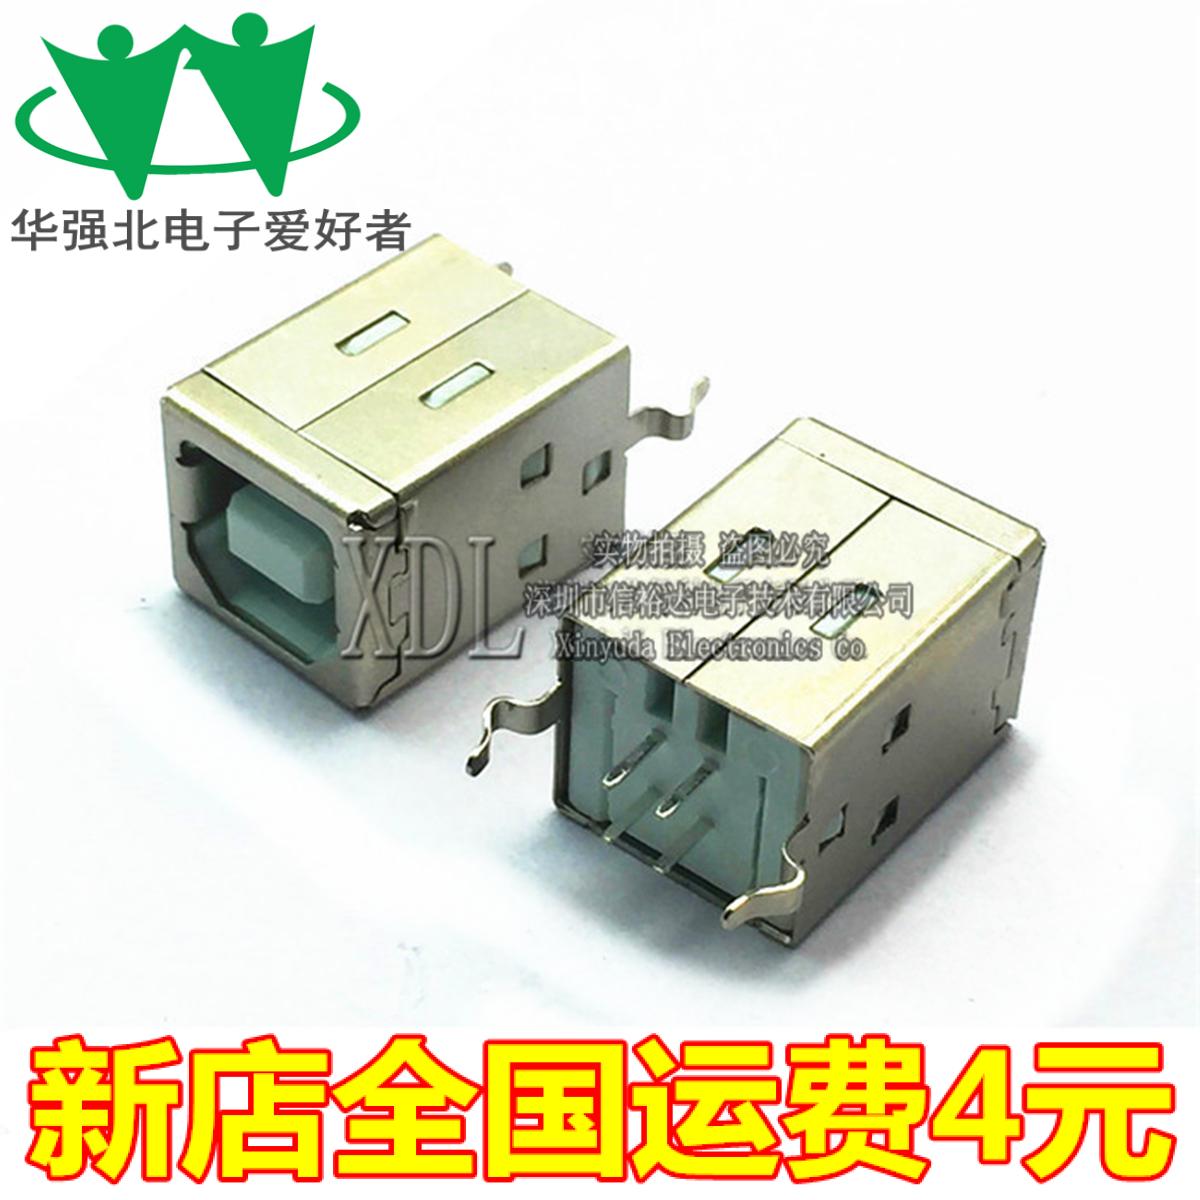 D тип /D слово рот вертикальный BF-180 принтер джек / интерфейс B мать 180 степень боковой USB сиденье мать сиденье